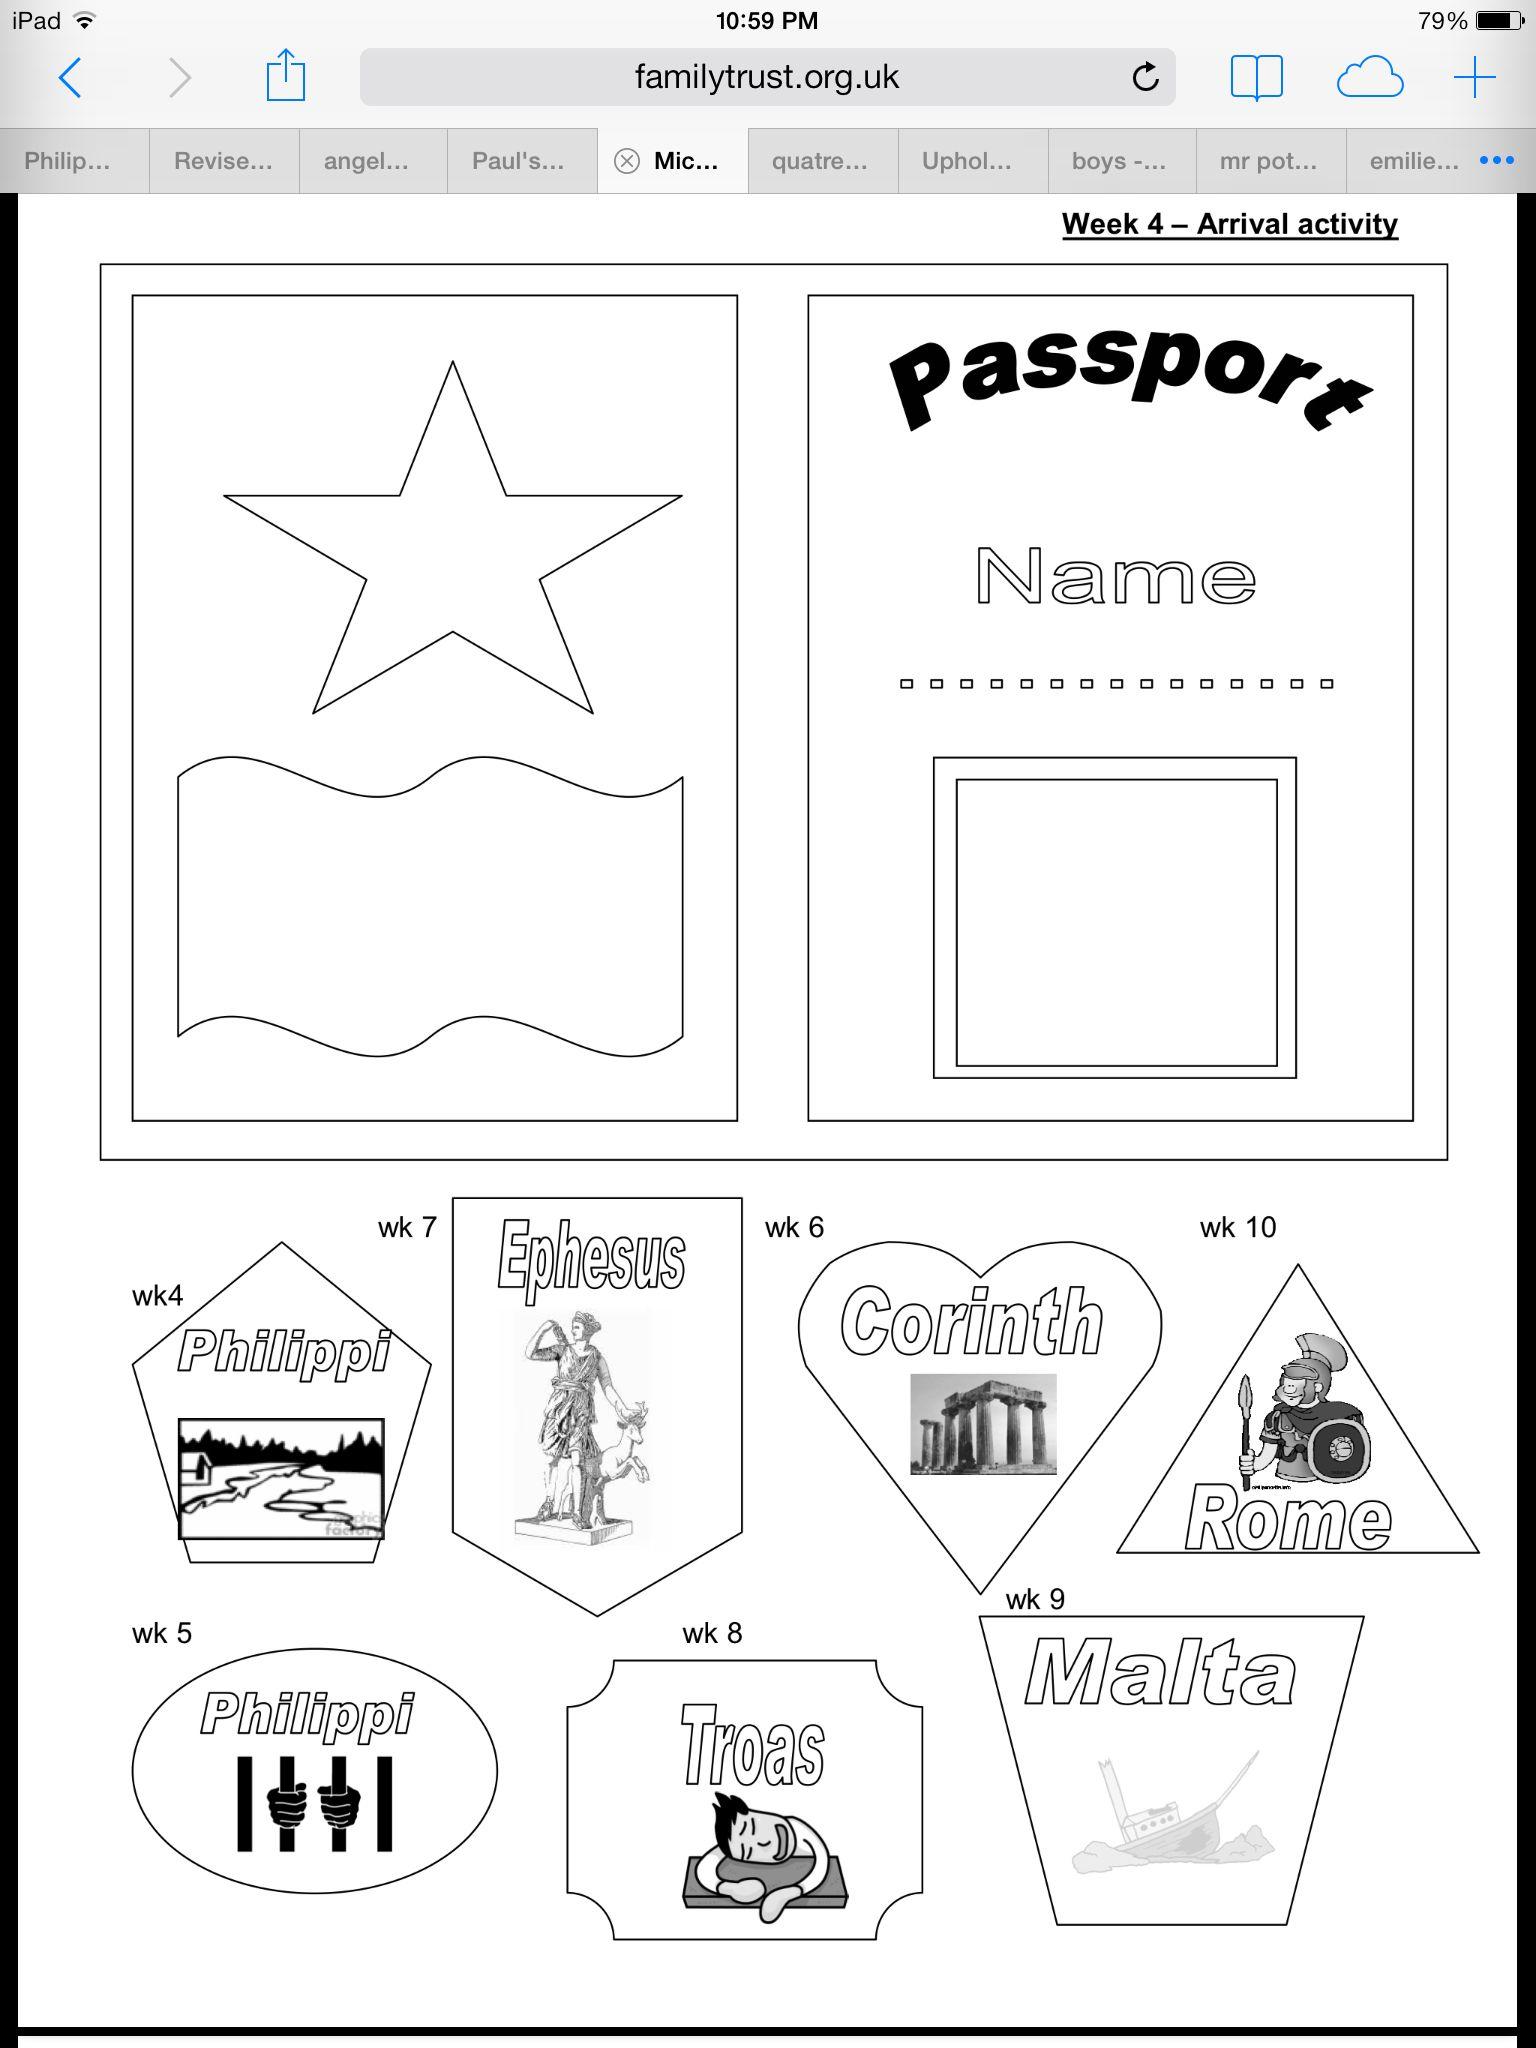 Passport for Paul's journey | BIBLE CLASS MATERIALS/IDEAS ...